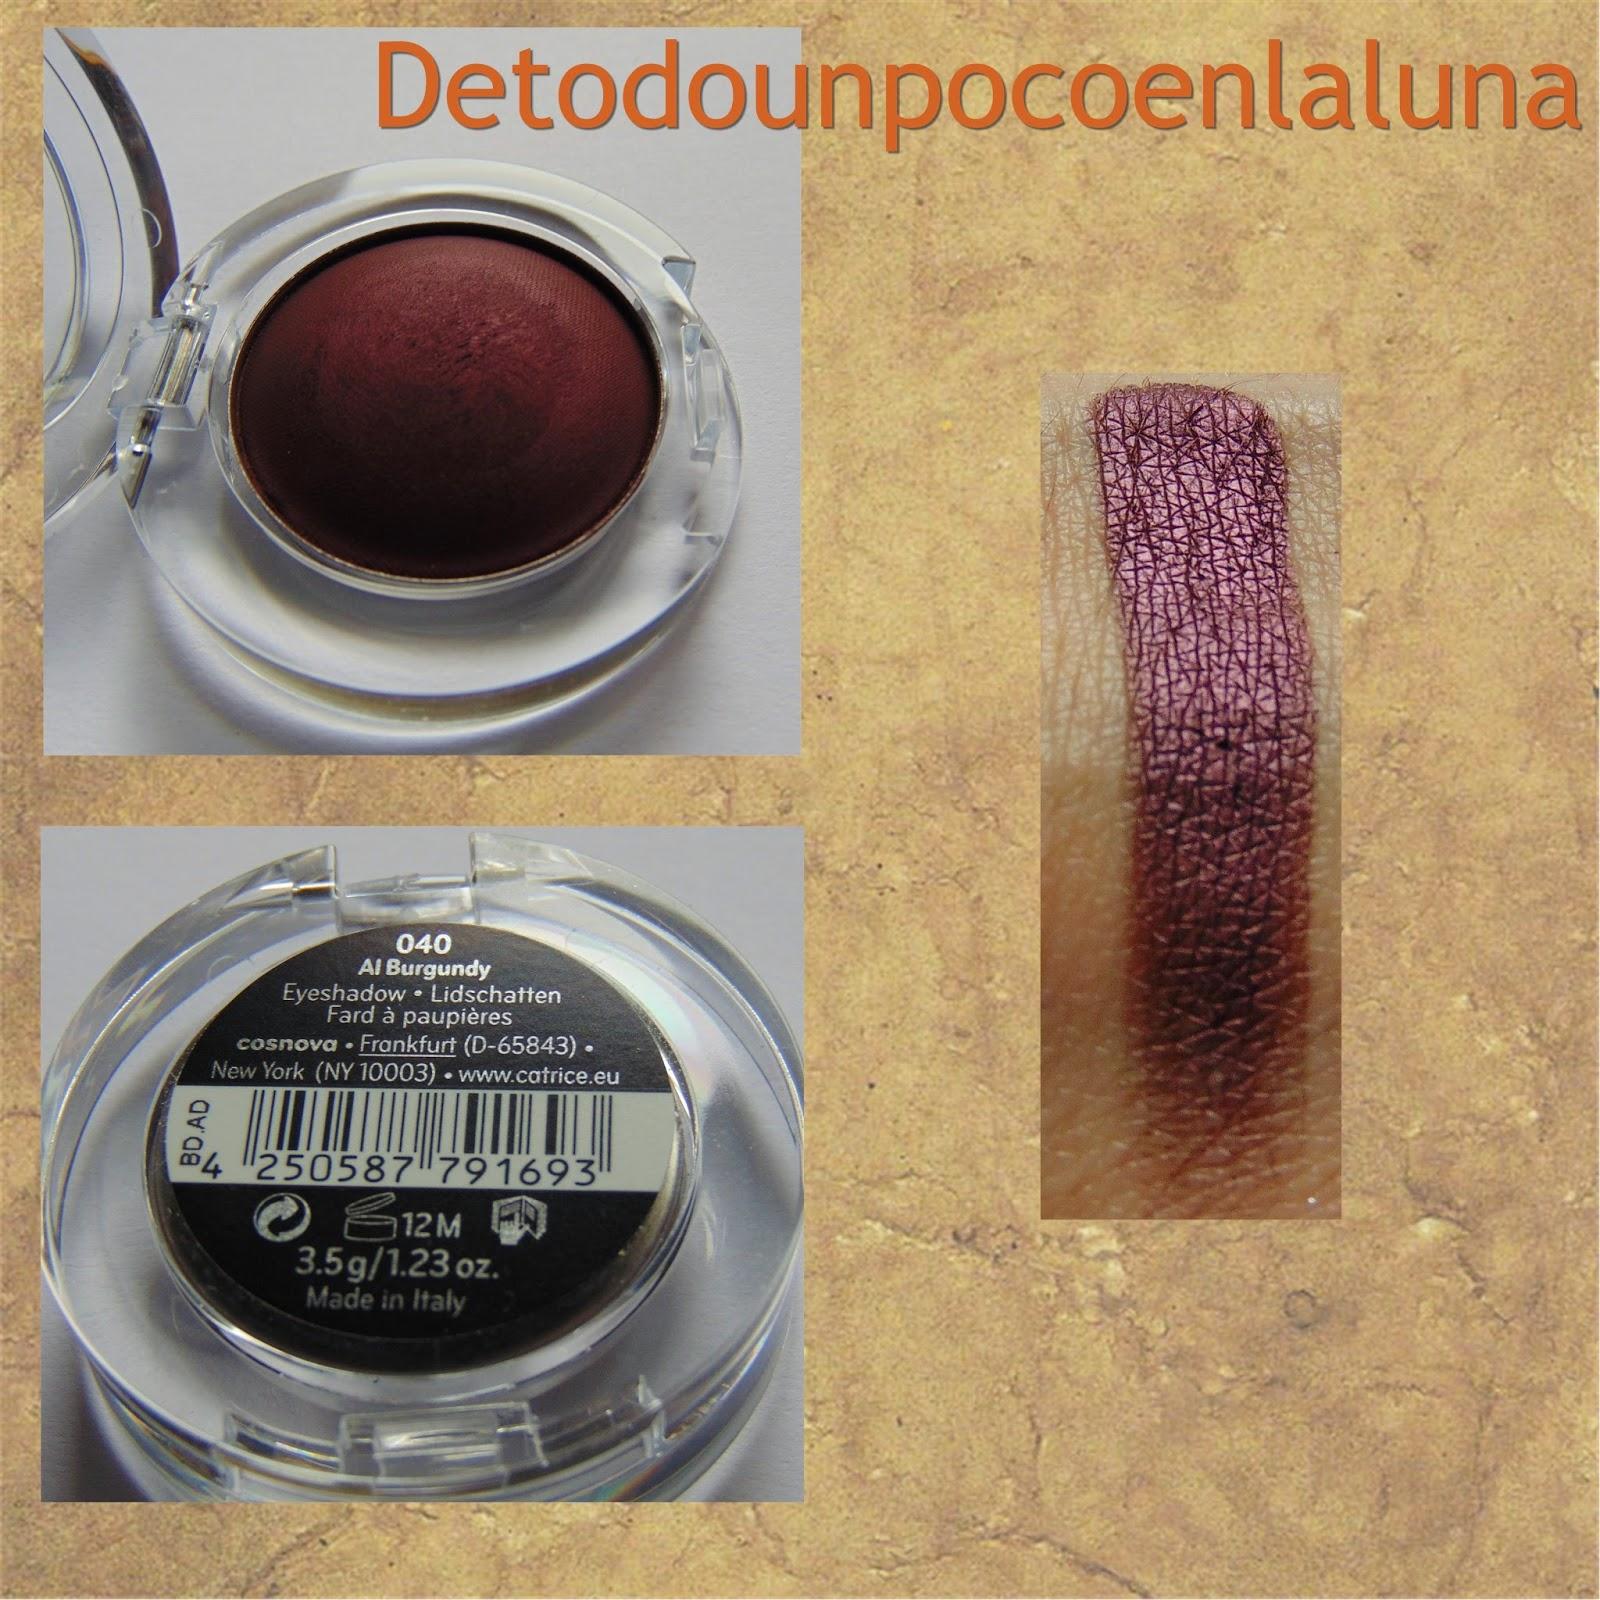 040 Al Burgundy Sombras Velvet Matt Eyeshadow de Catrice